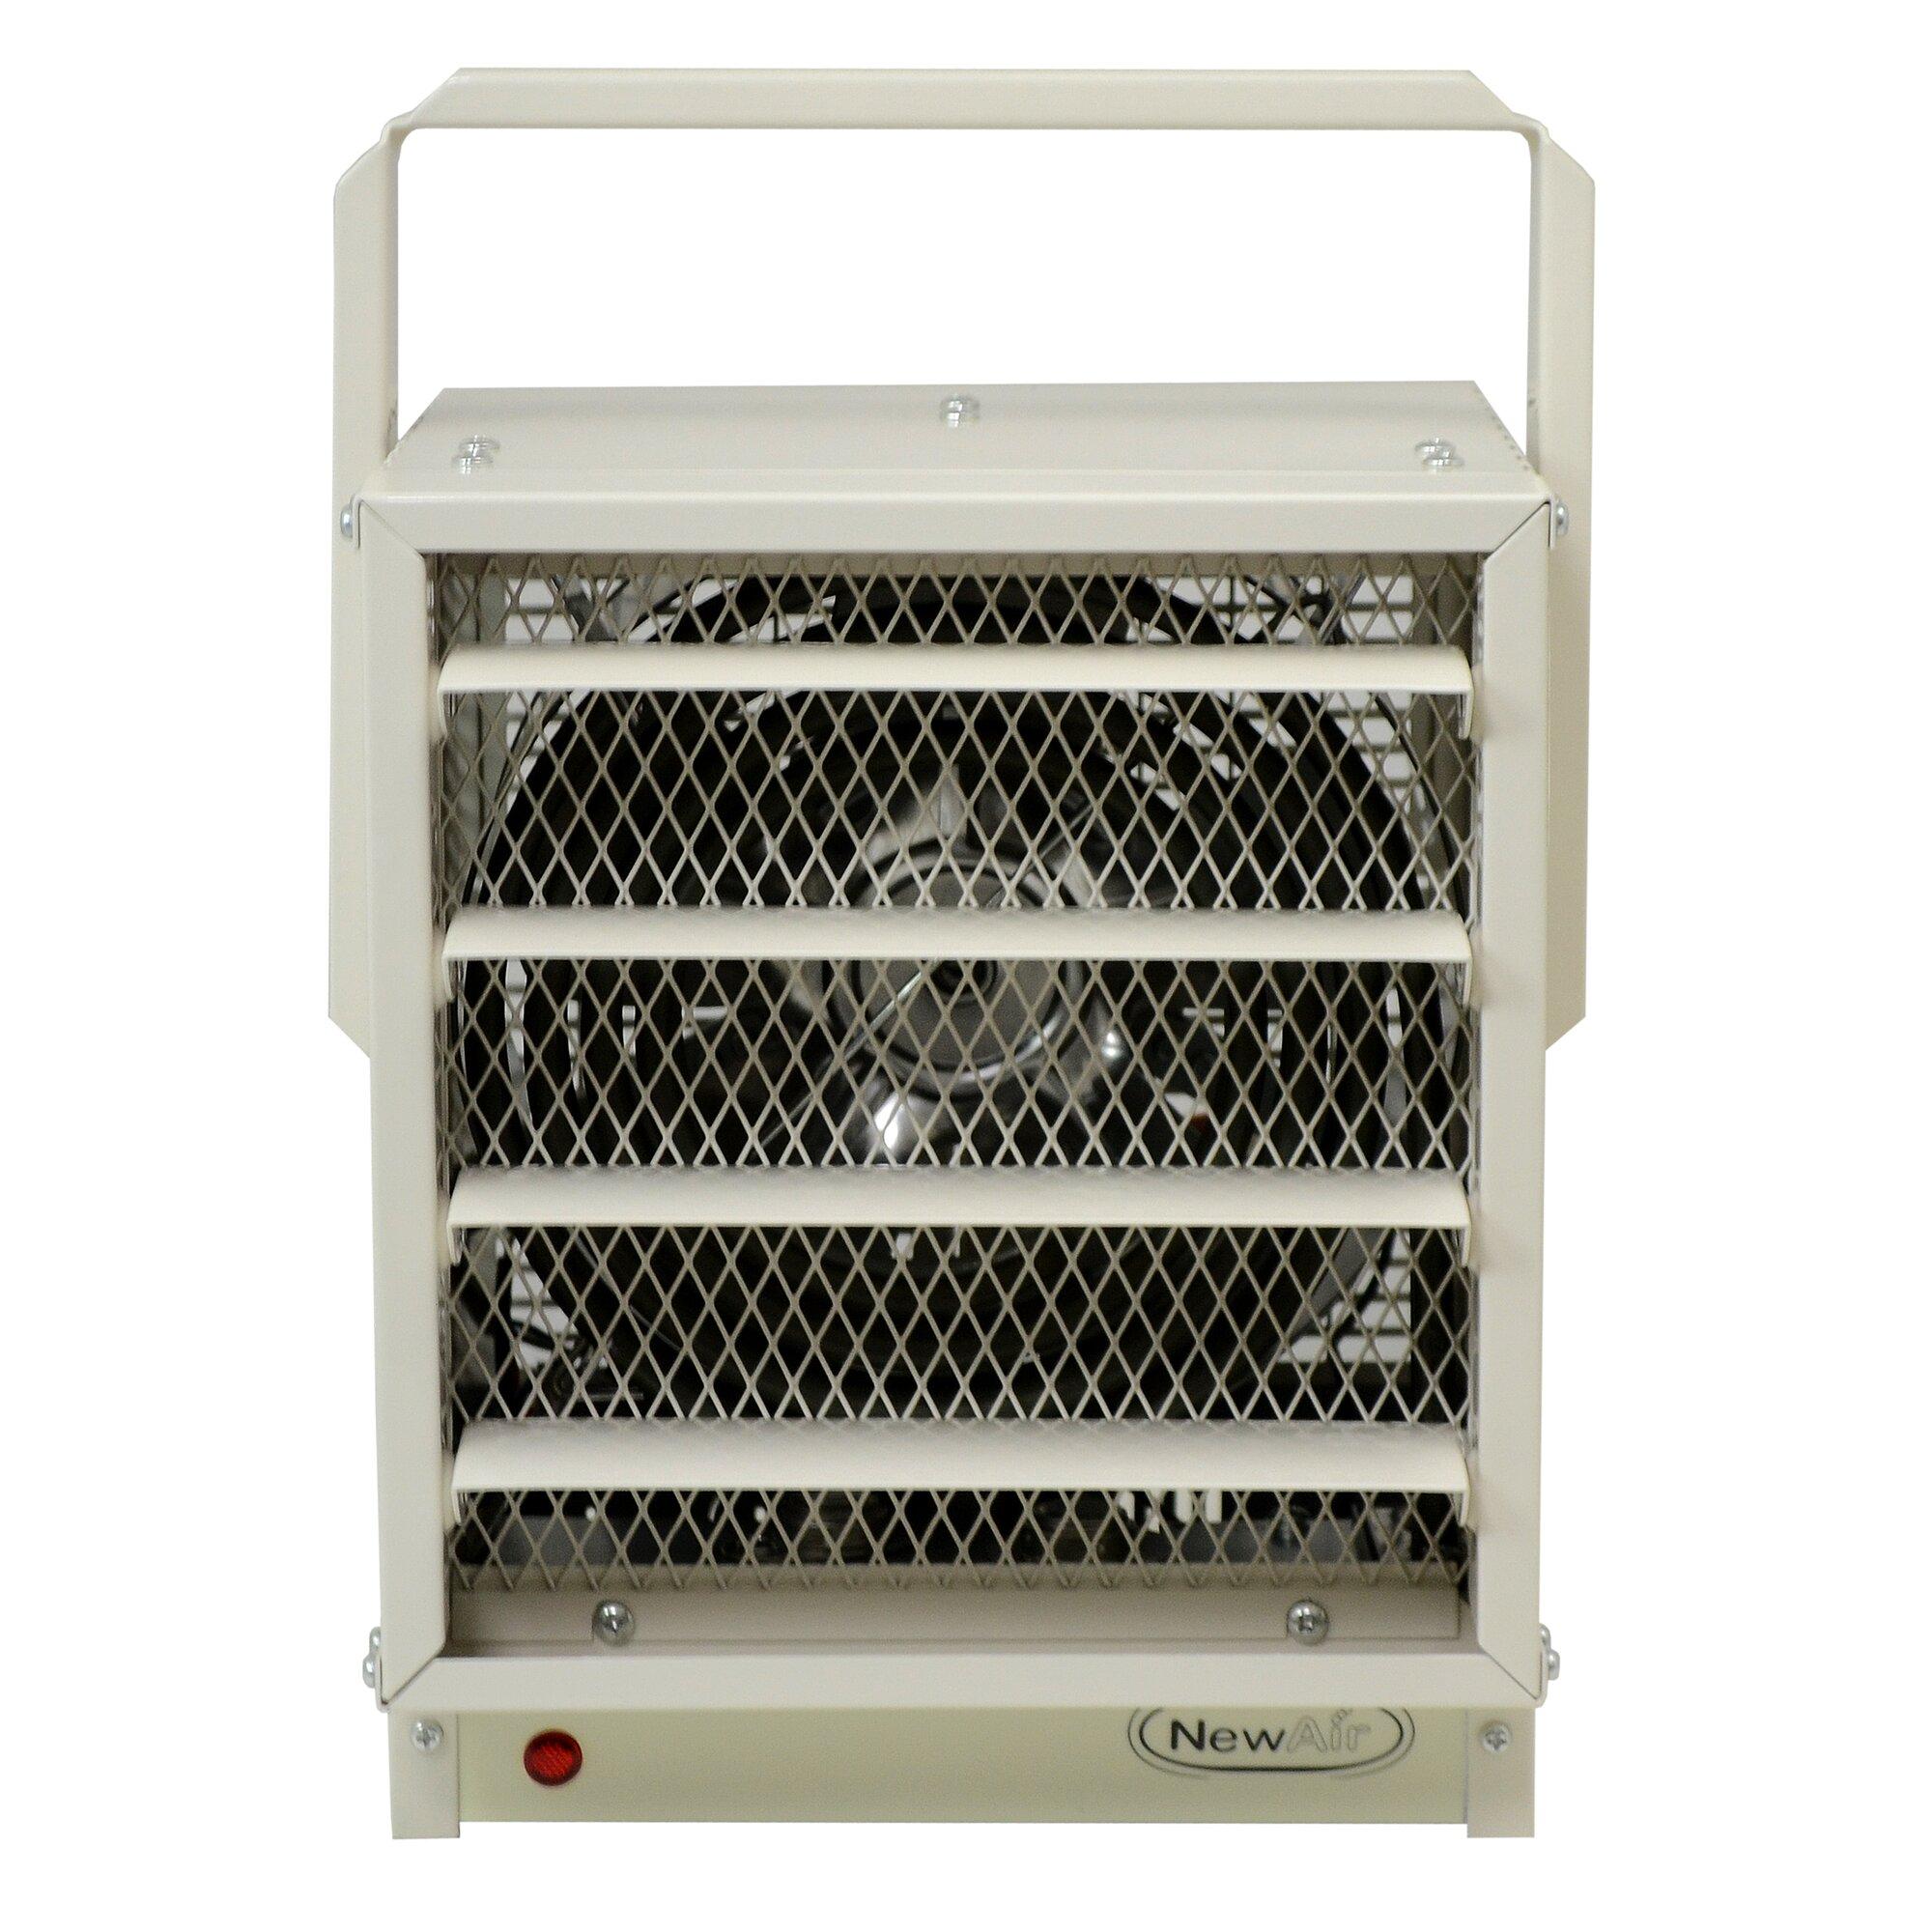 newair 5 watts fan forced wall ceiling electric garage space heater newa garage electric heater 5 - Electric Shop Heater